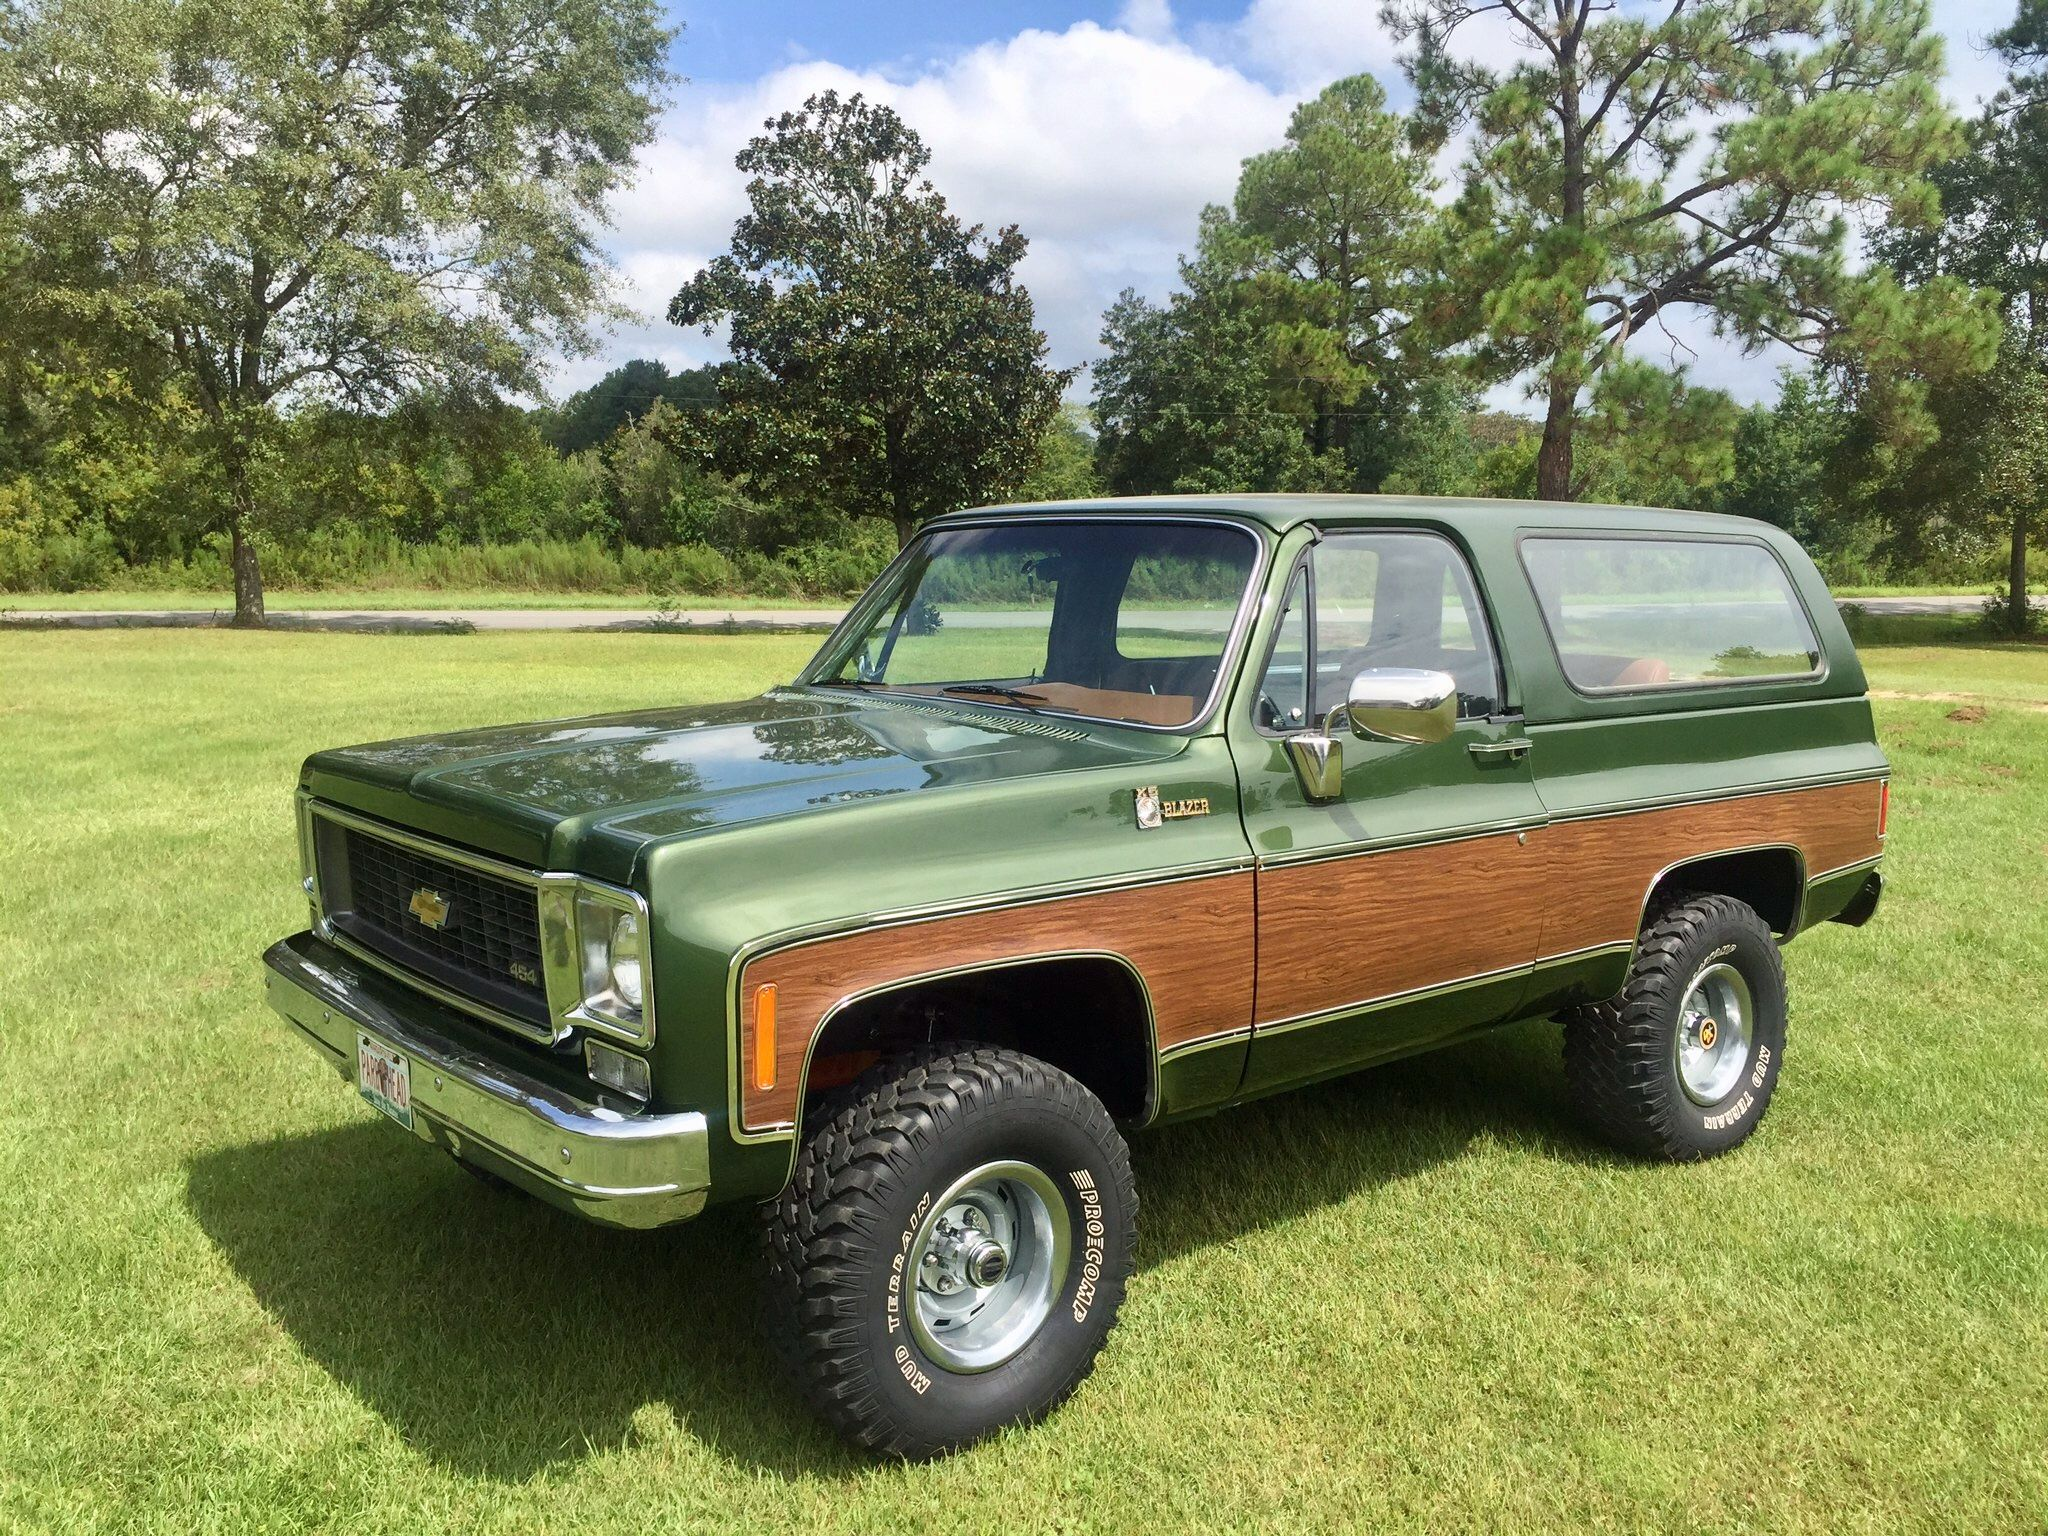 1973 K5 Chevy Blazer Chevy Pickup Trucks Chevy Trucks